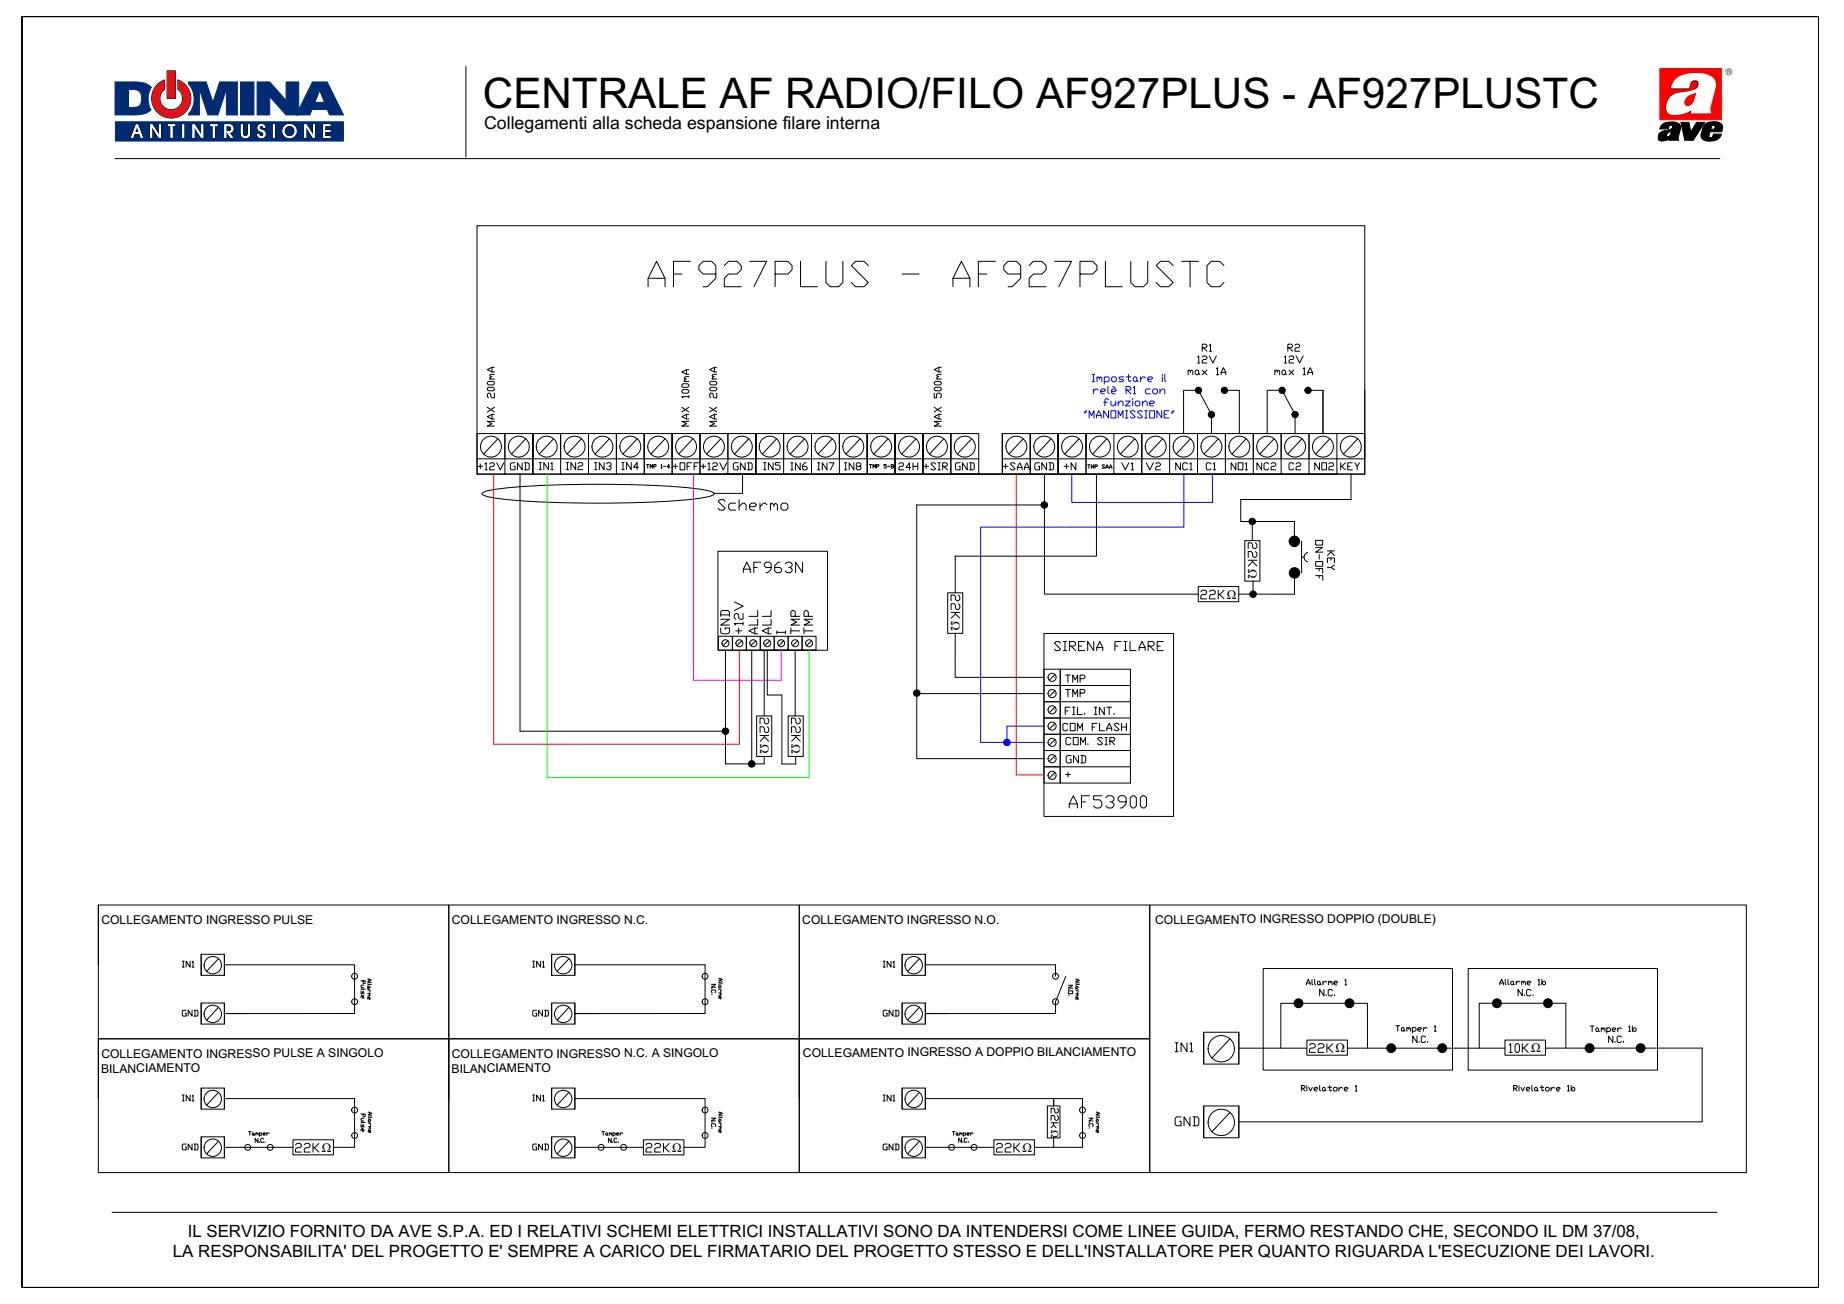 Centrali AF RADIO/FILO AF927PLUS - AF927PLUSTC